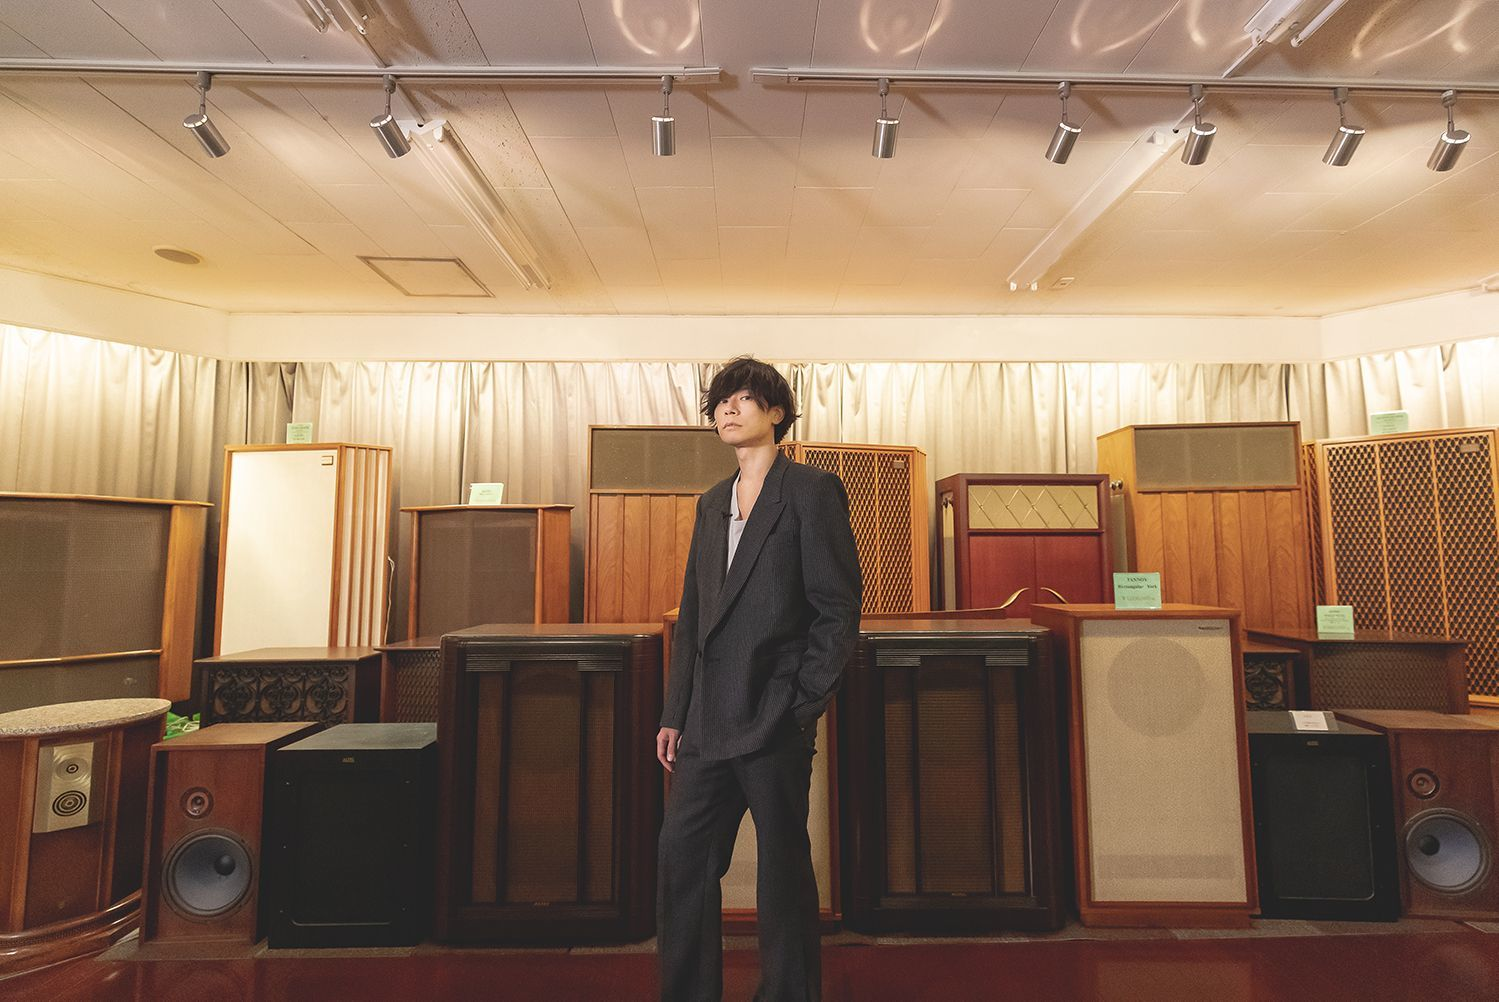 [Alexandros]川上洋平  Photo=伊藤愛輔